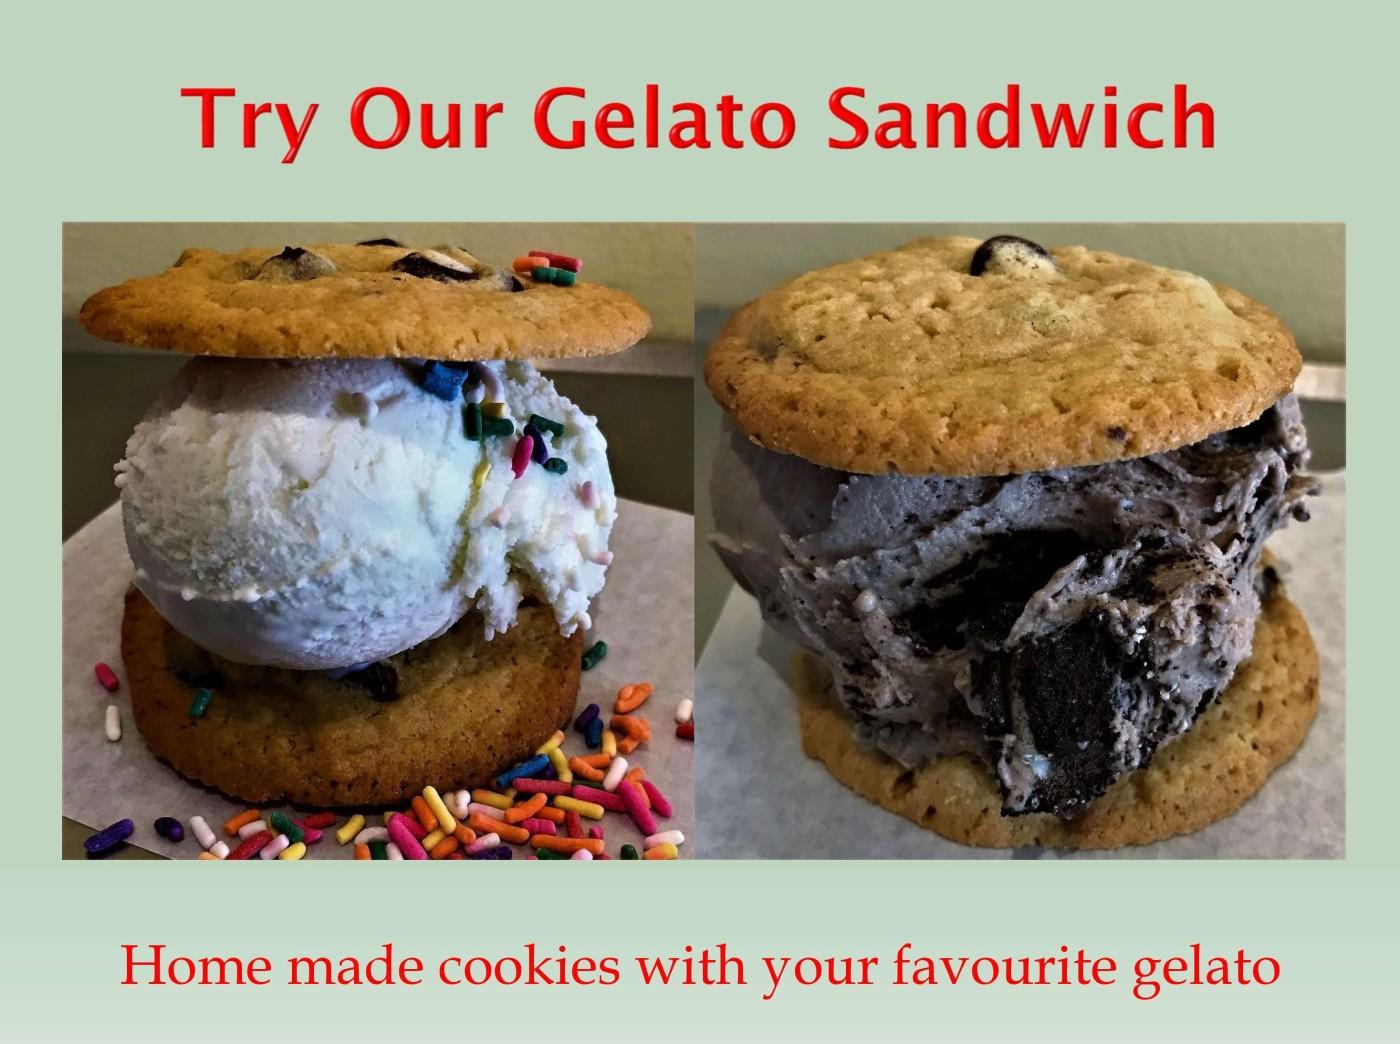 GelatoSandwich